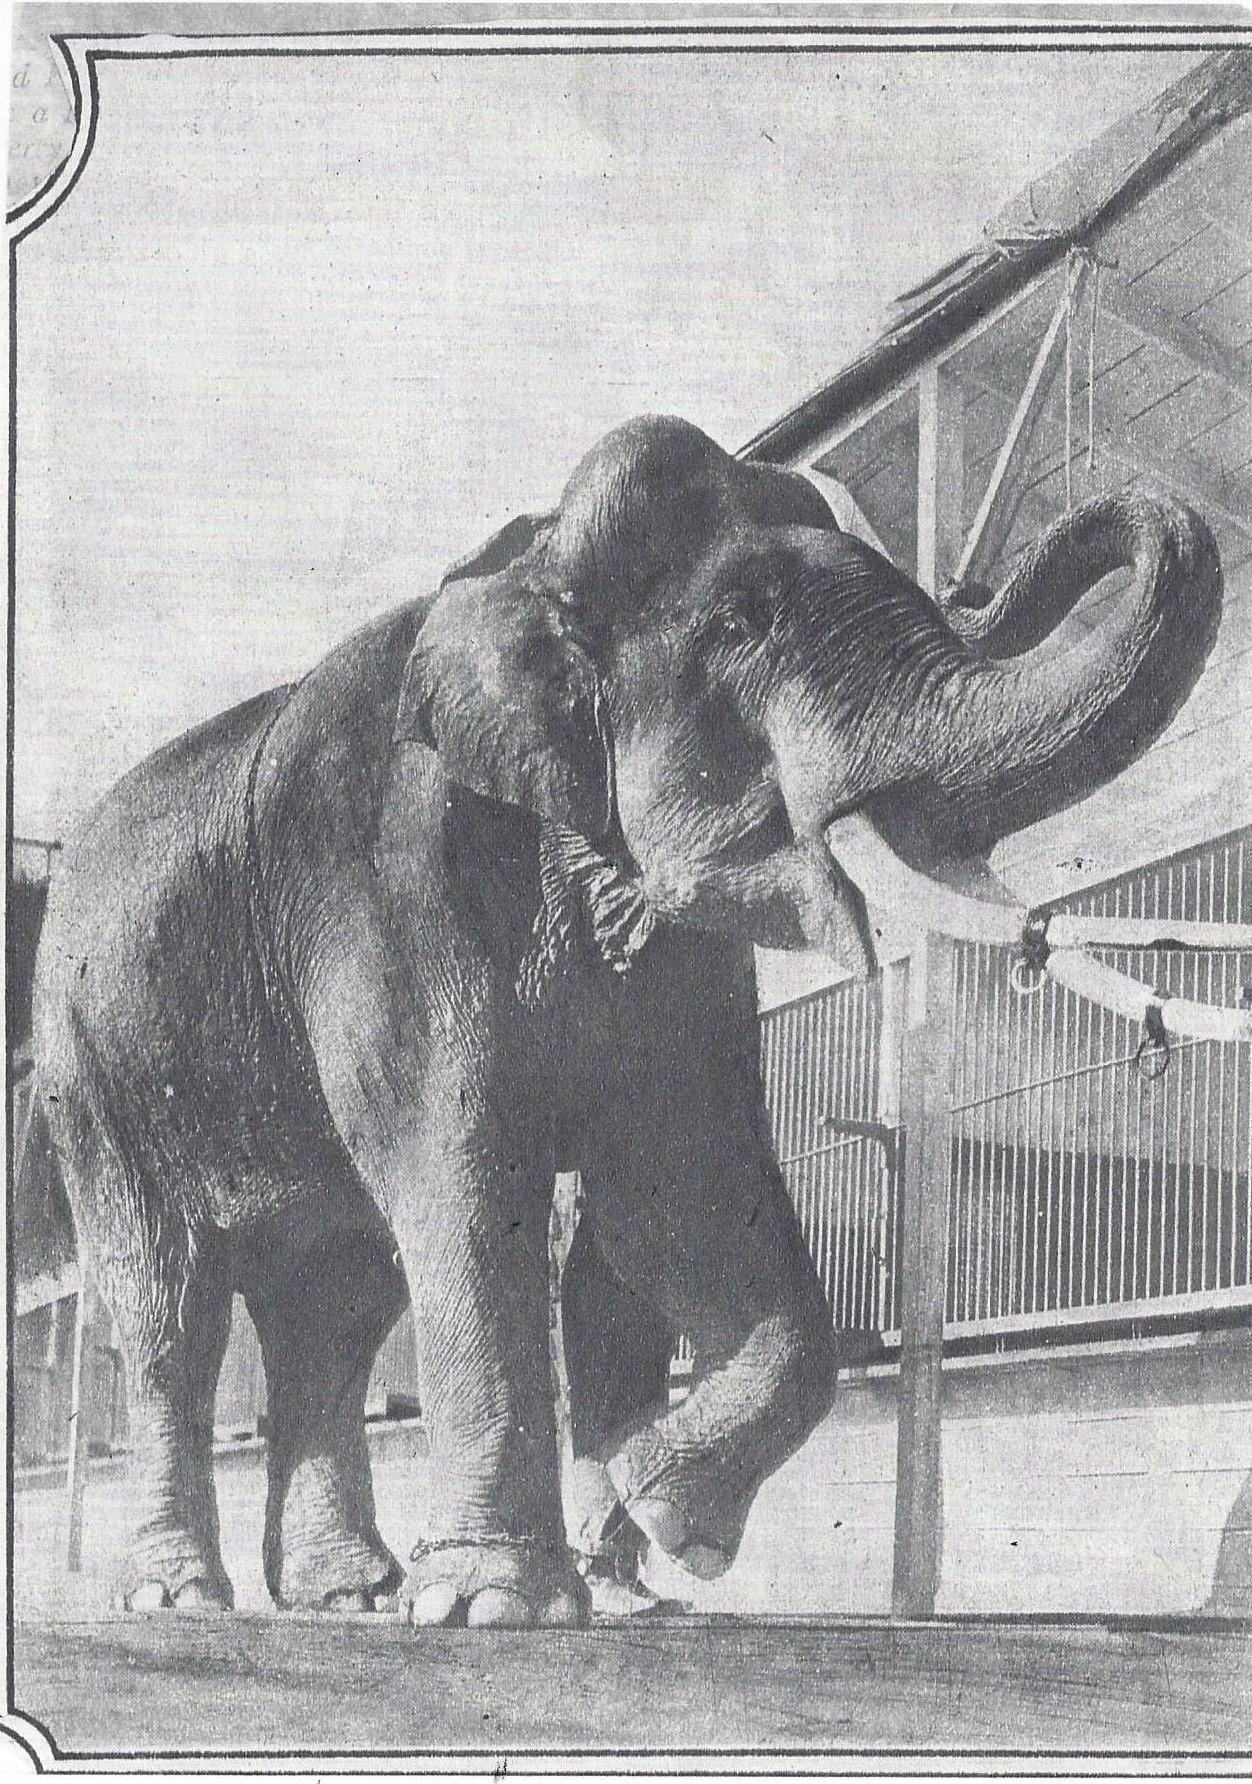 Tusko, Al G. Barnes Circus Mid 1930's